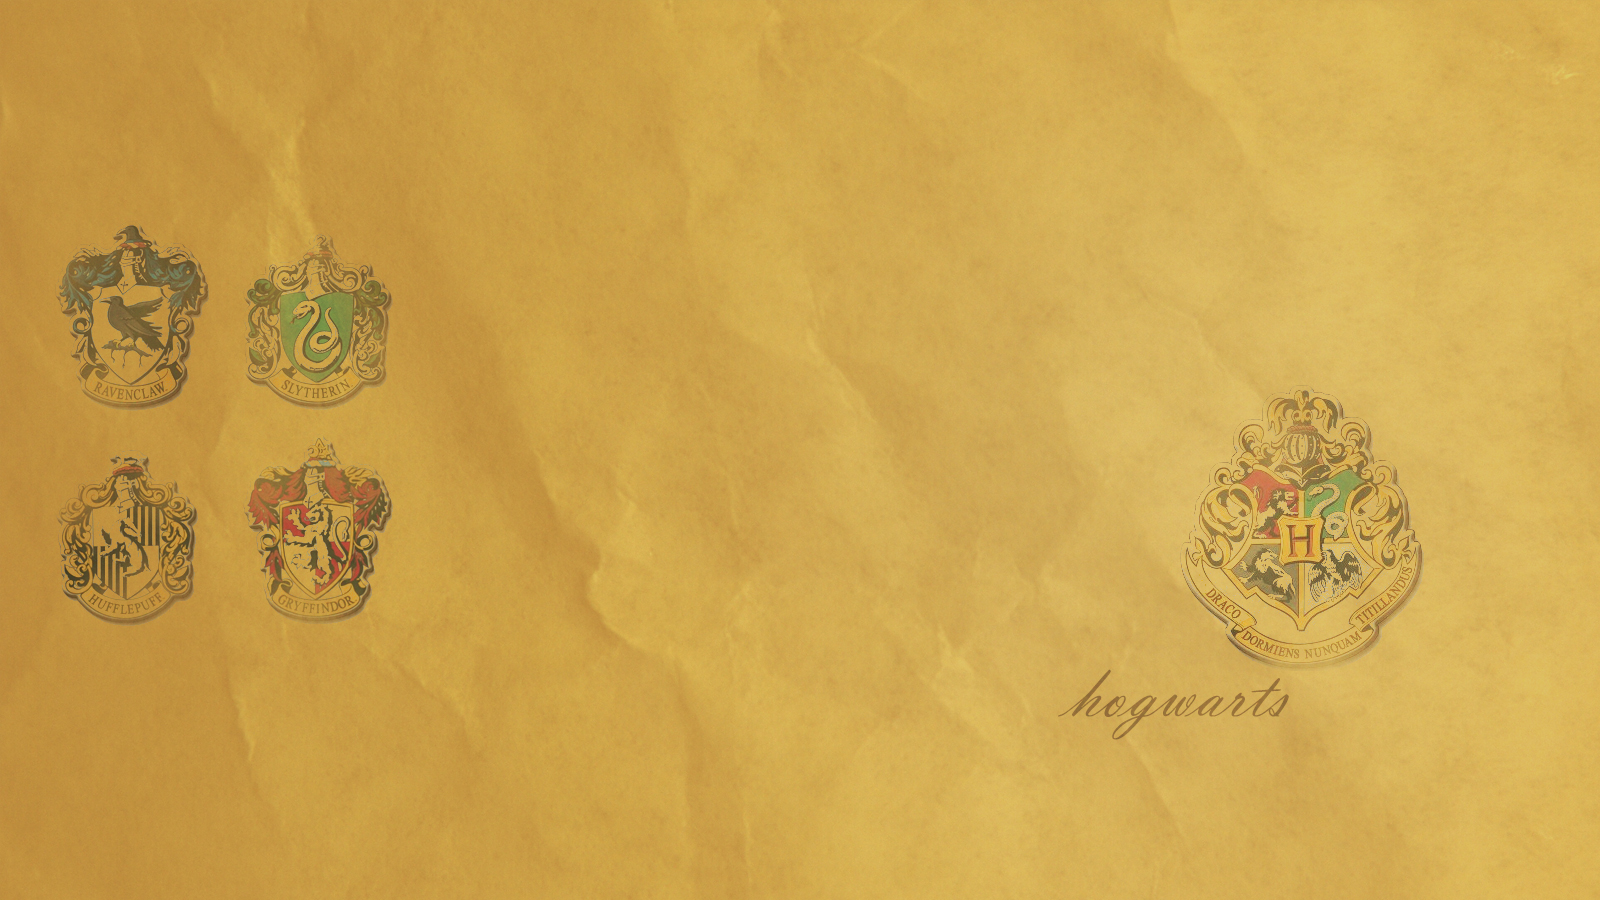 Harry Potter Logos Wallpaper By Jontylerthe27th On Deviantart